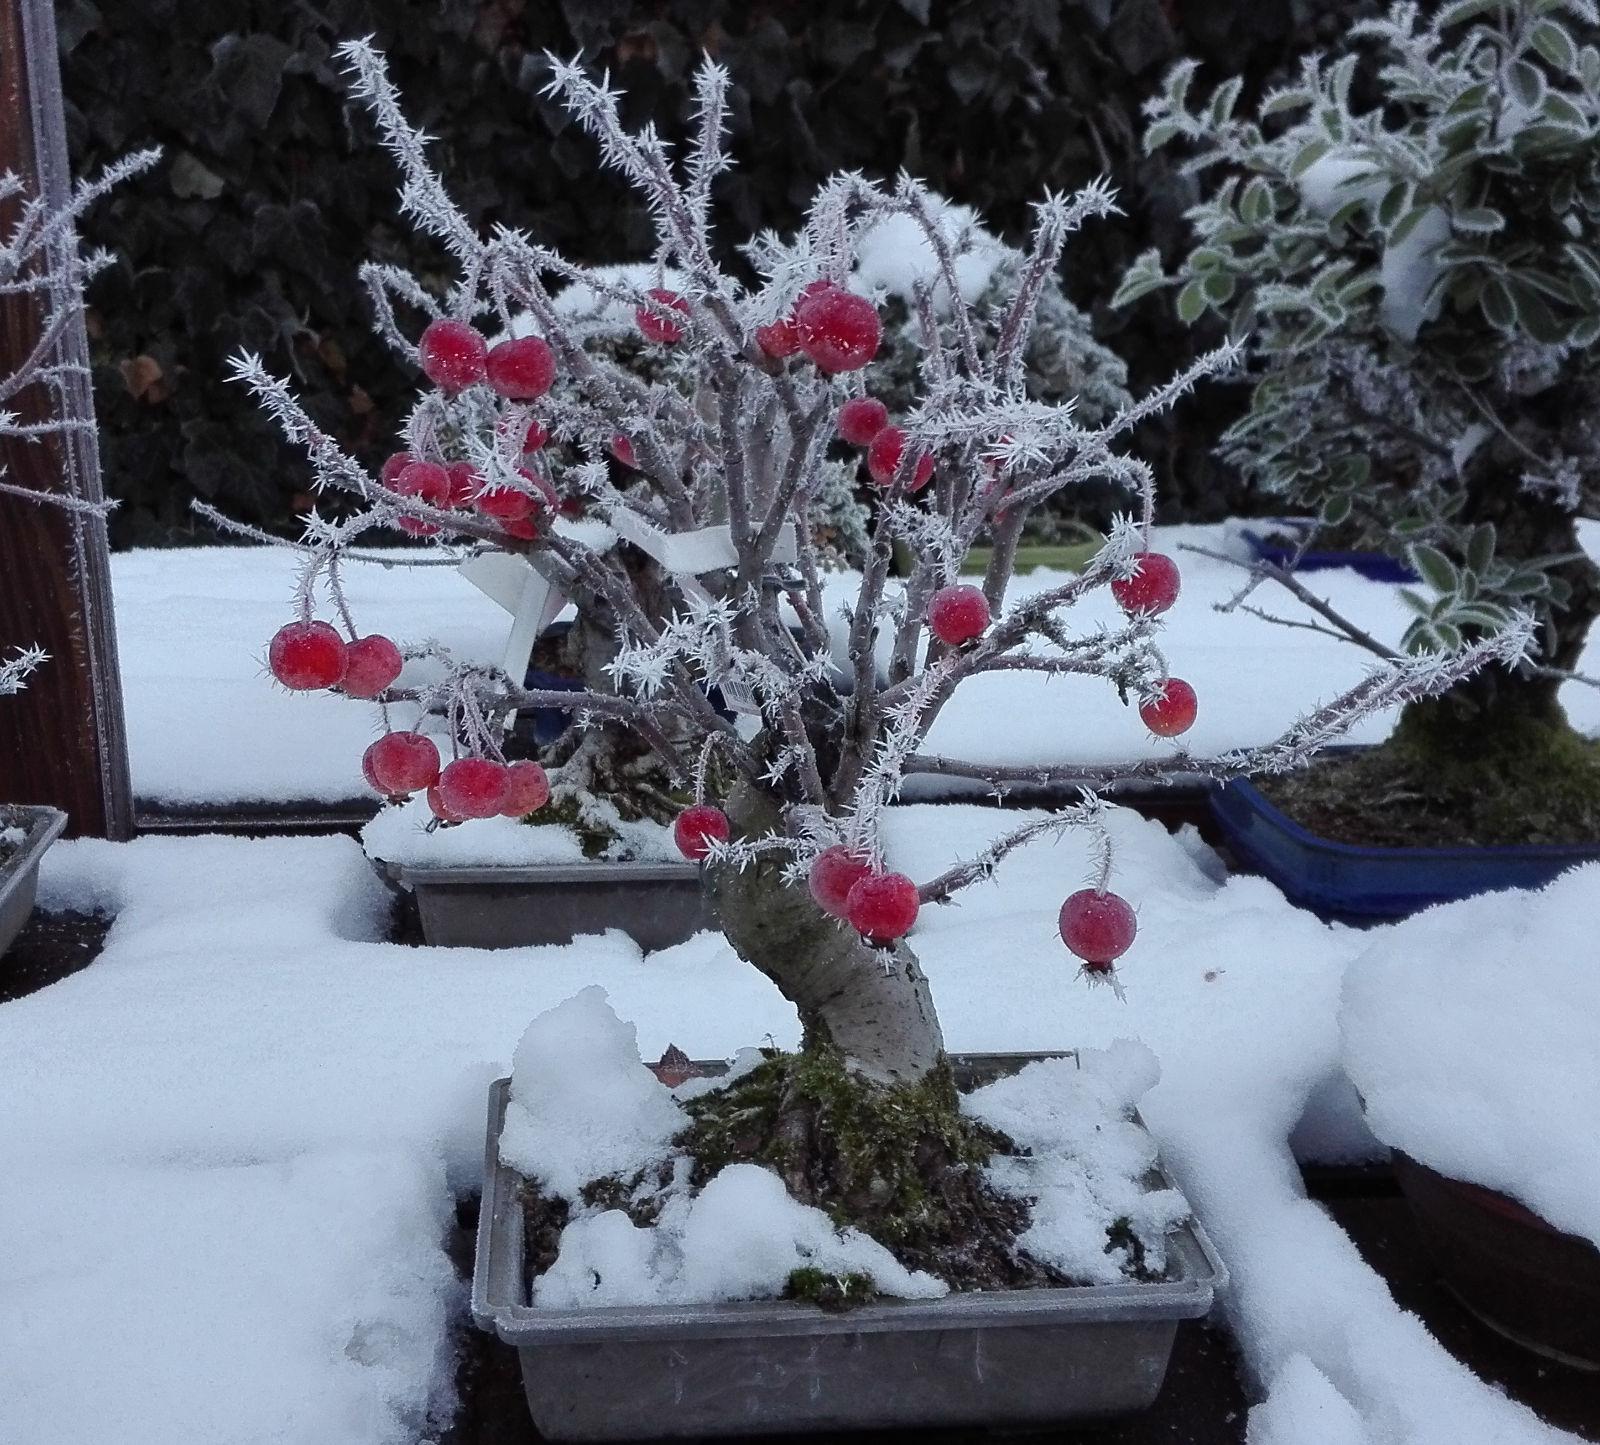 Na jabloni sa aj v mraze držia jej plody